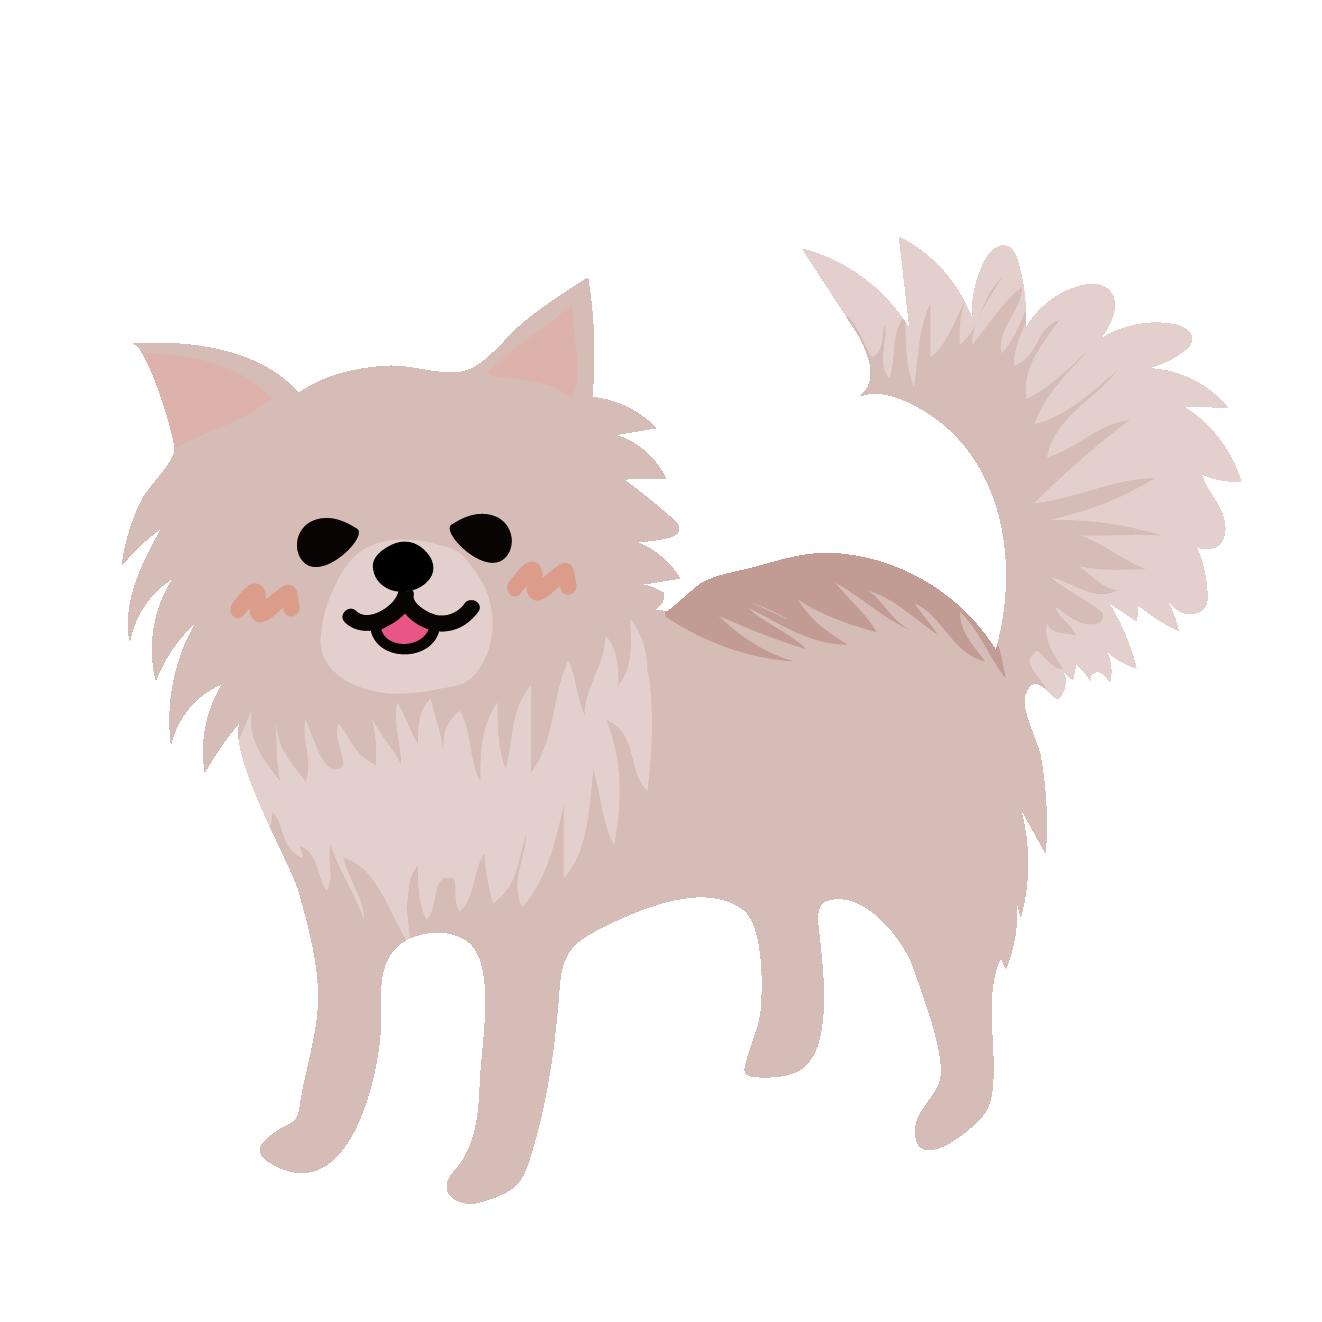 可愛い♪チワワ(犬)のイラスト | 商用フリー(無料)のイラスト素材